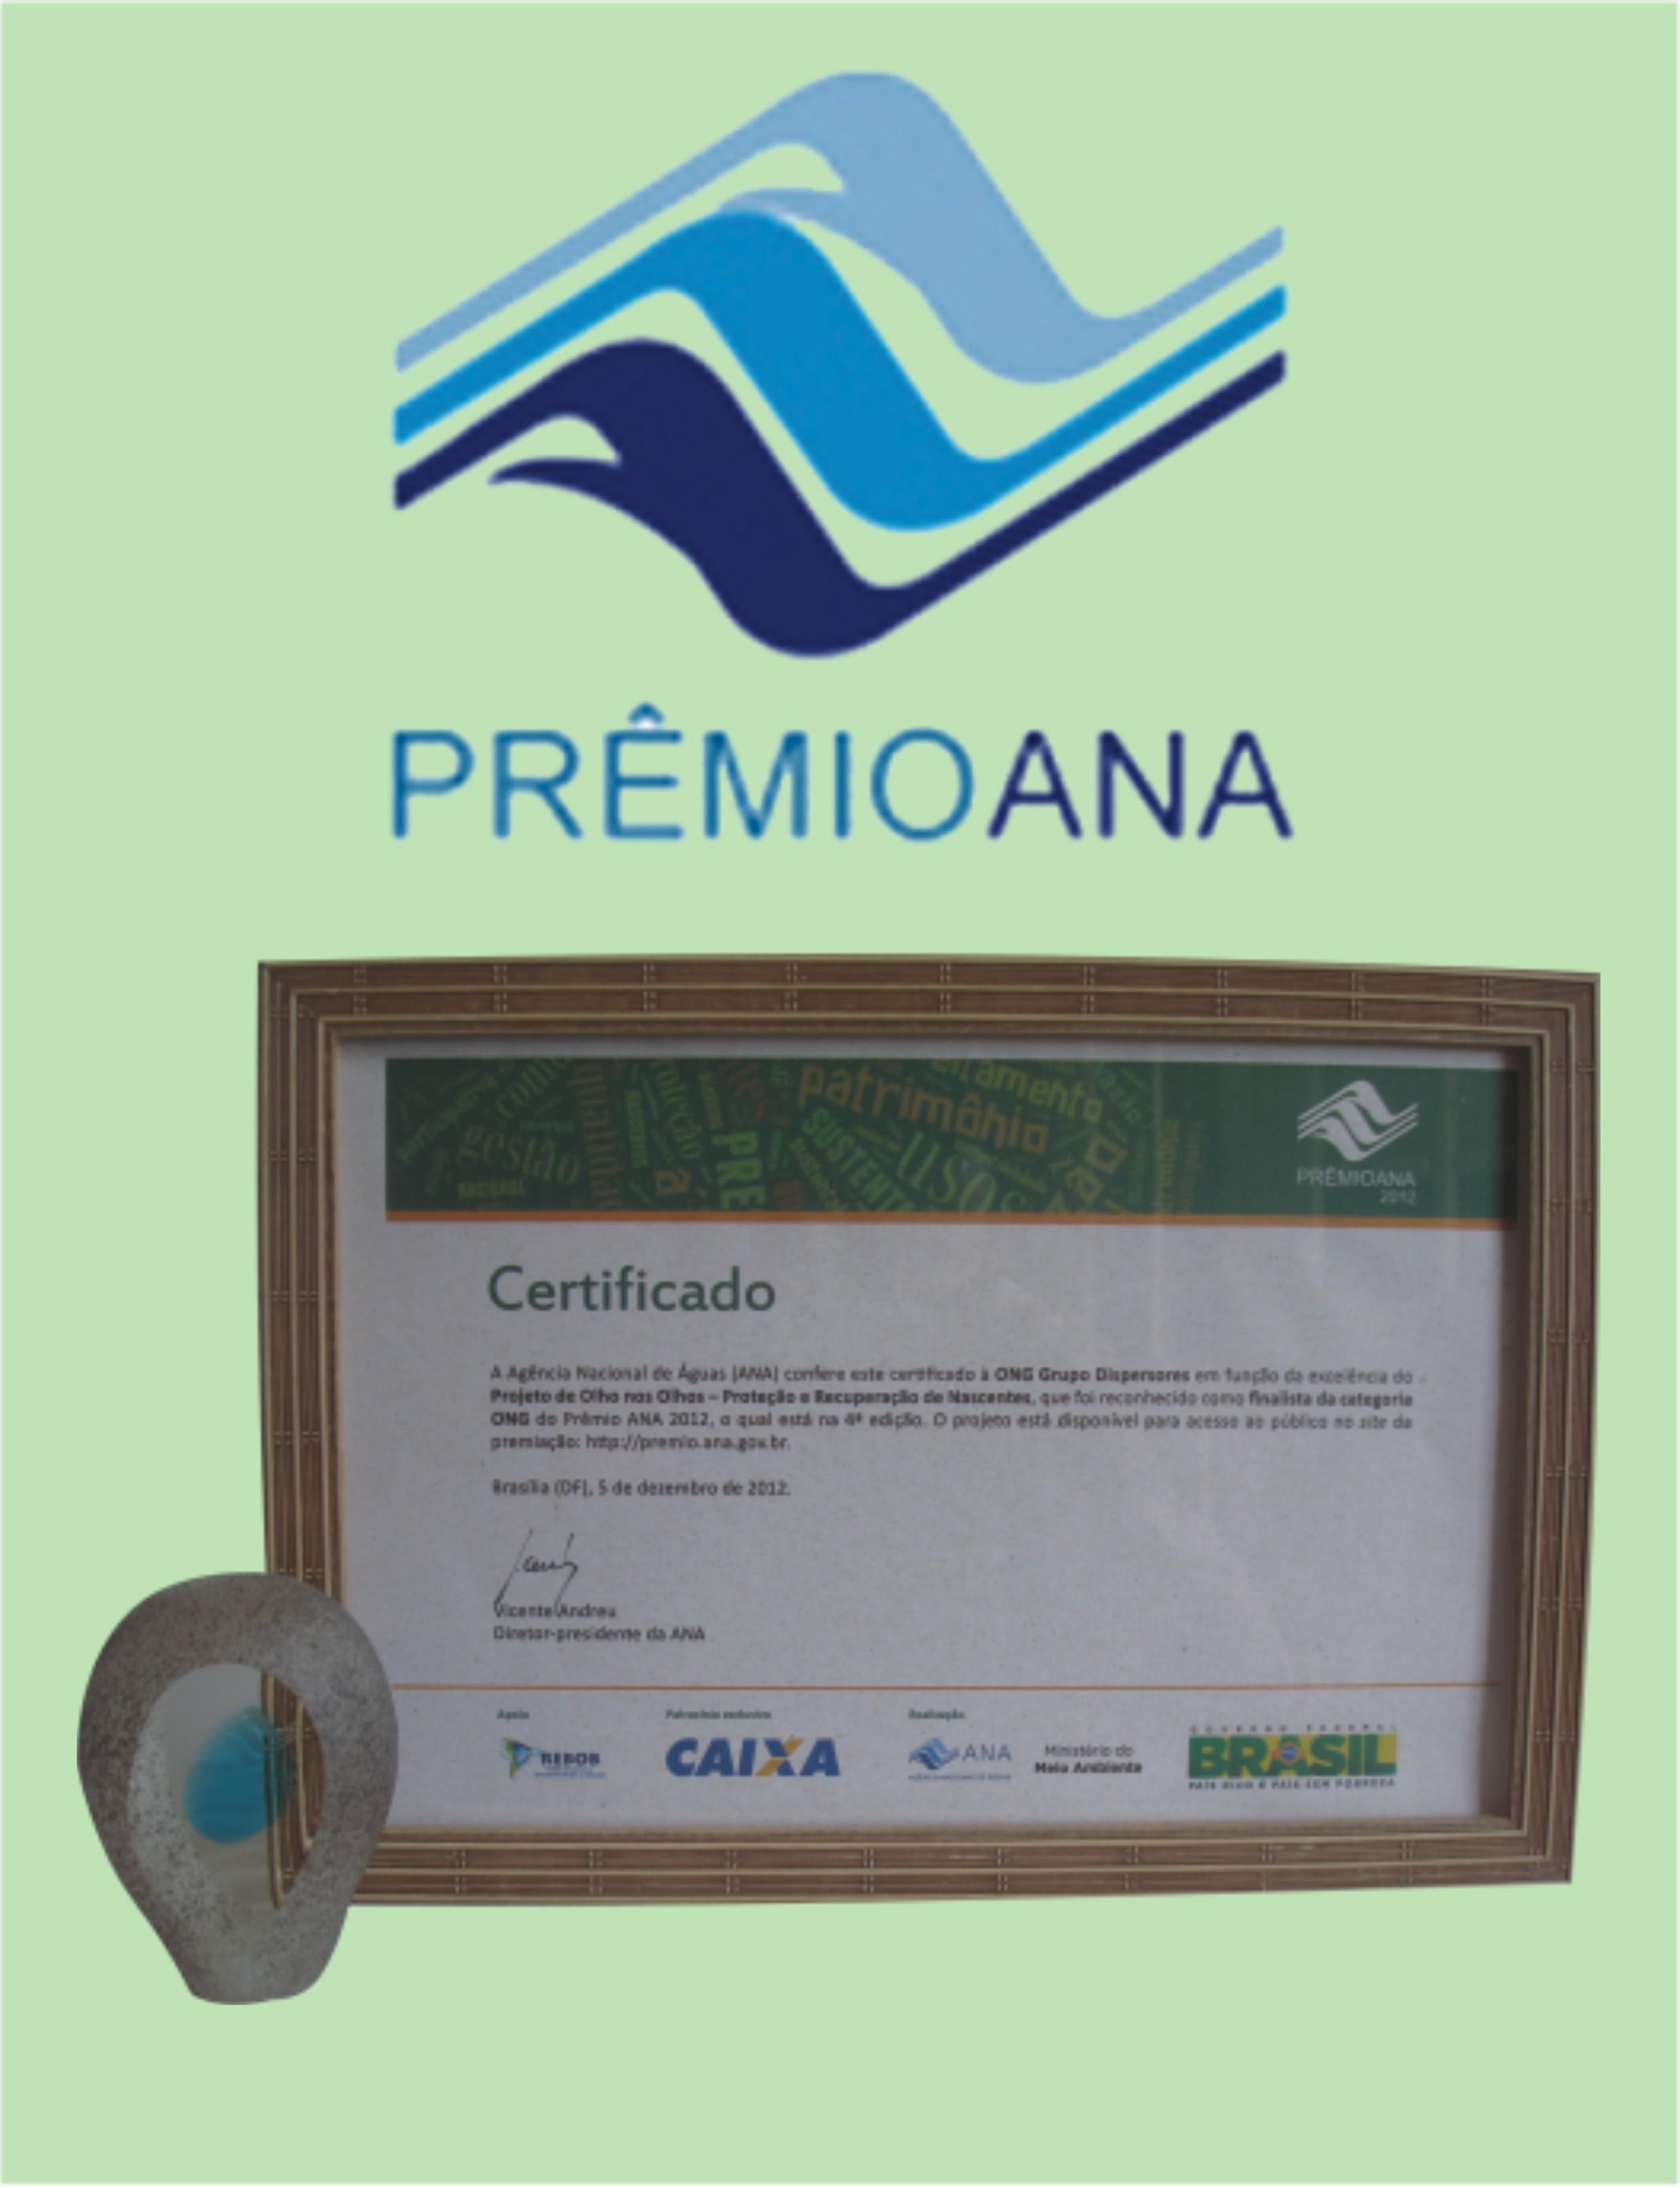 Prêmio ANA 2012